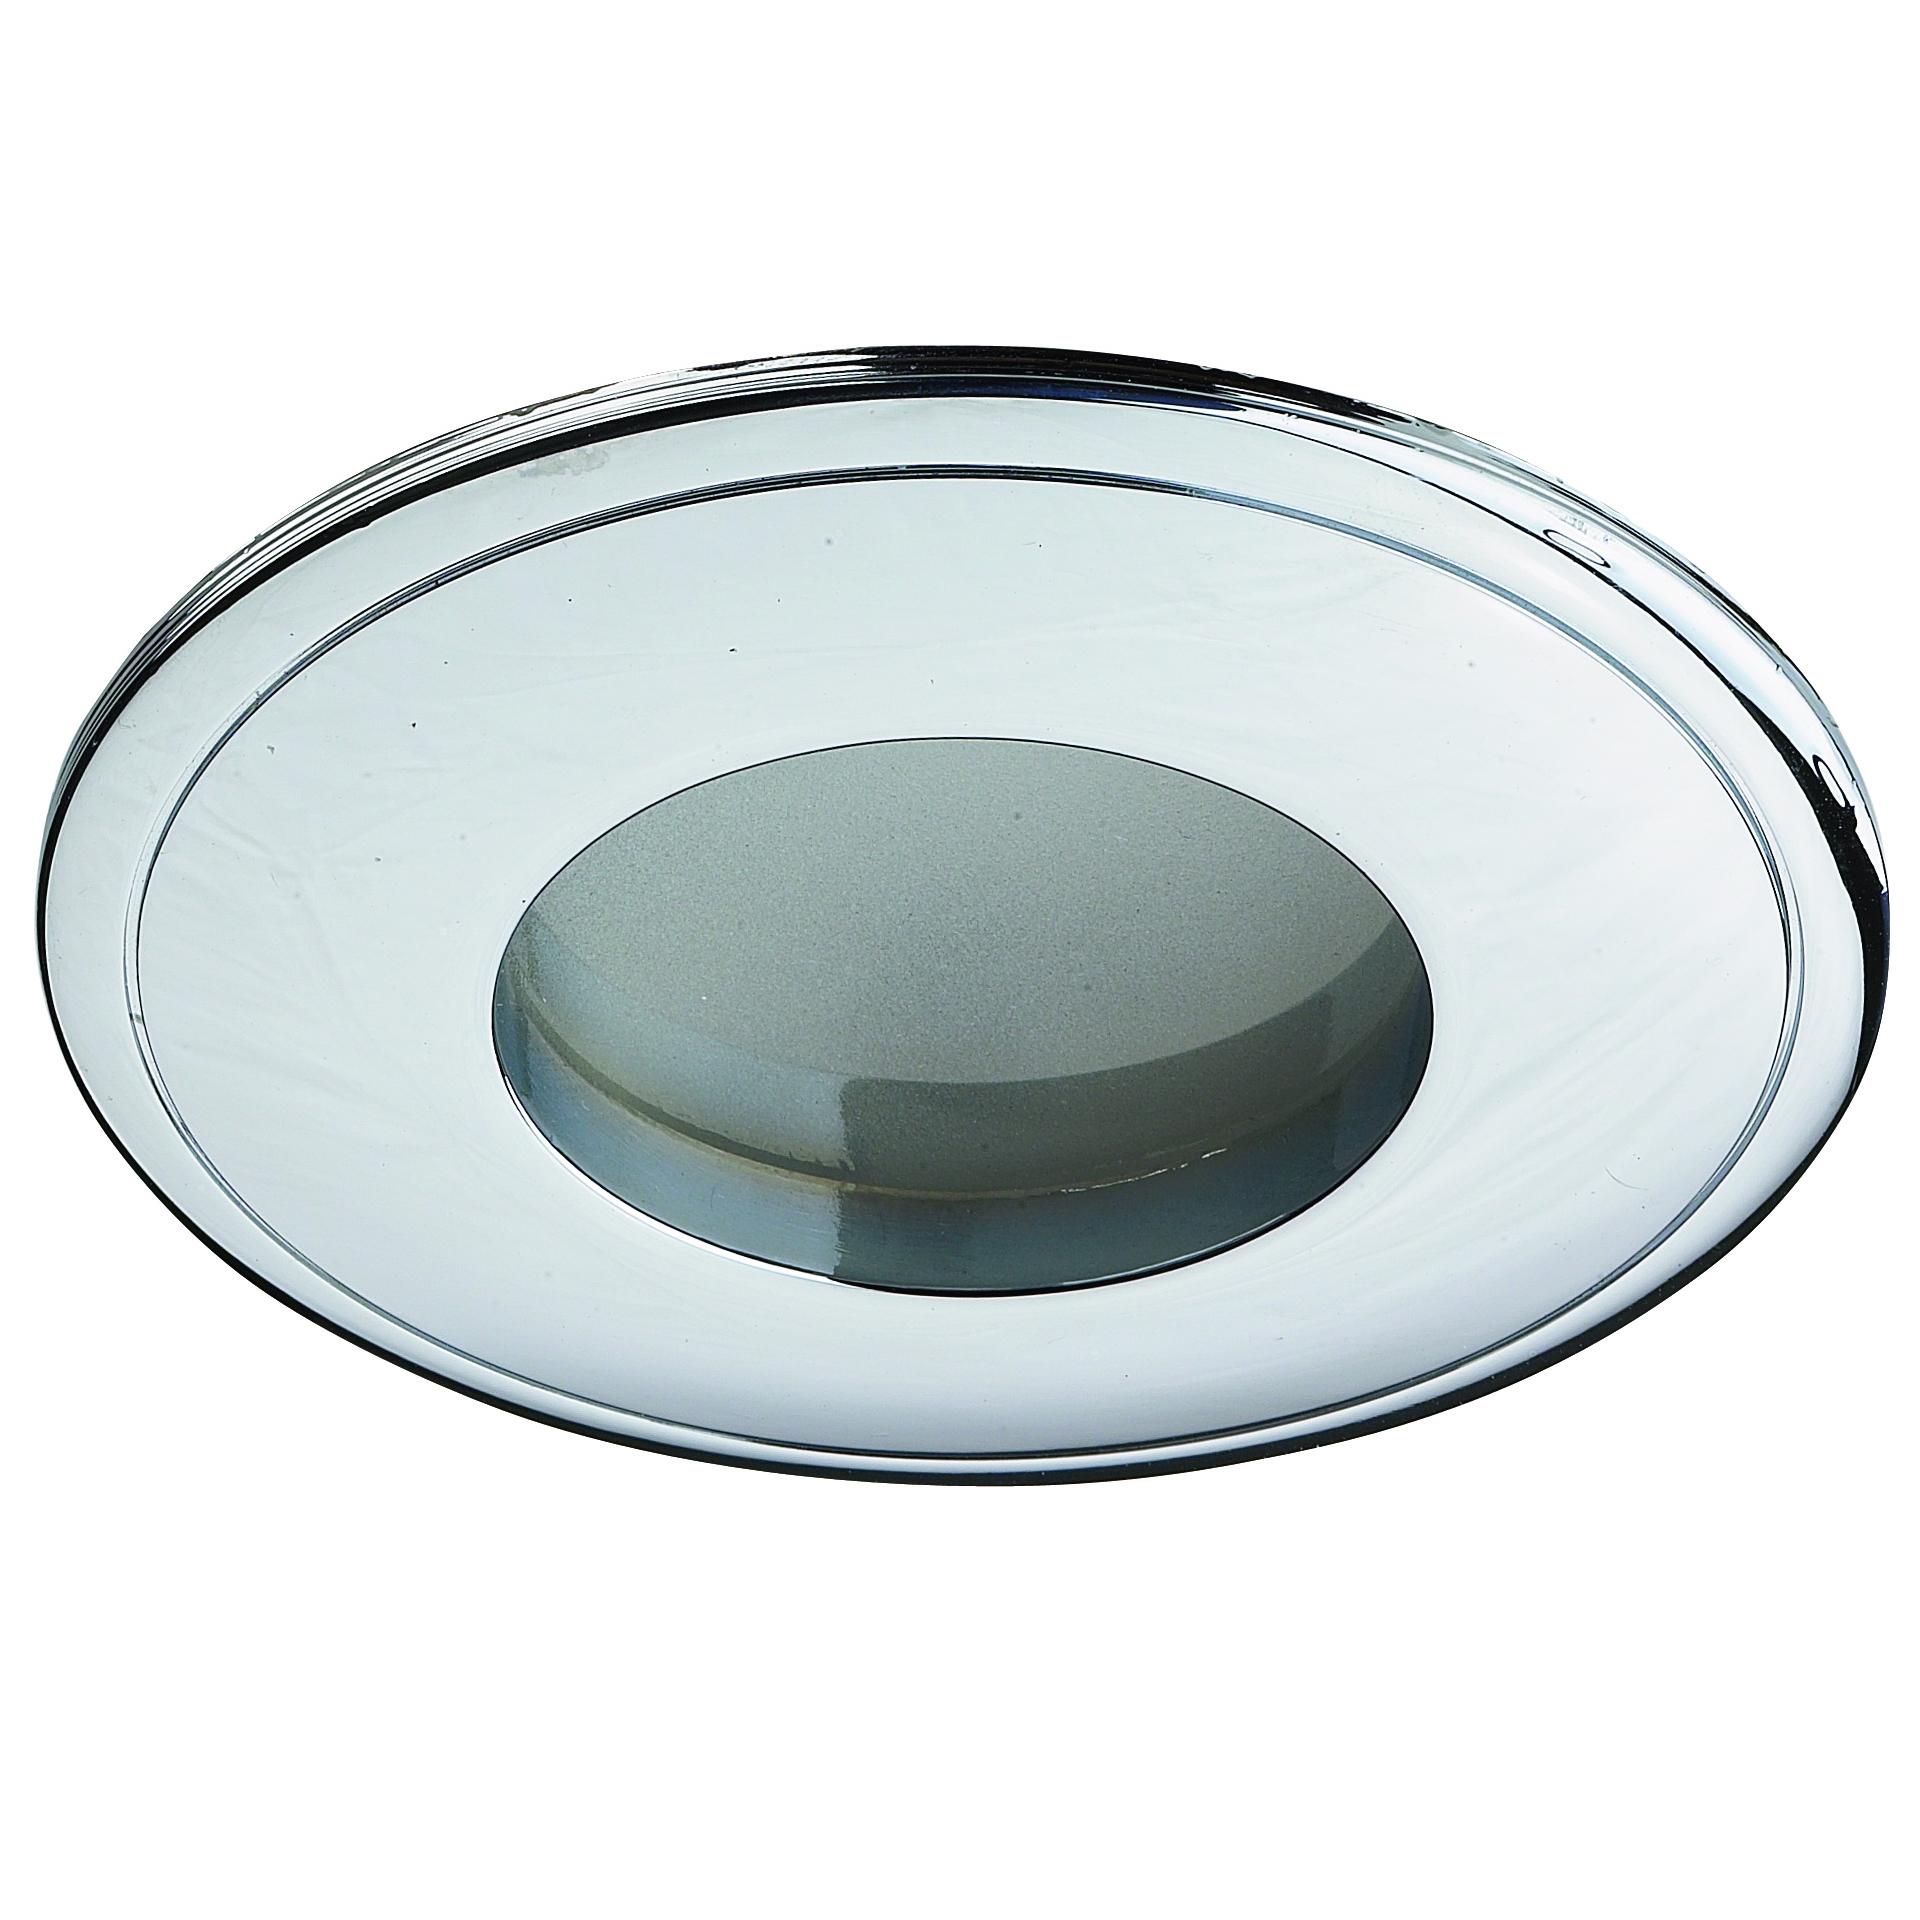 Светильник встраиваемый Novotech Aqua nt09 179 369303 novotech aqua 369303